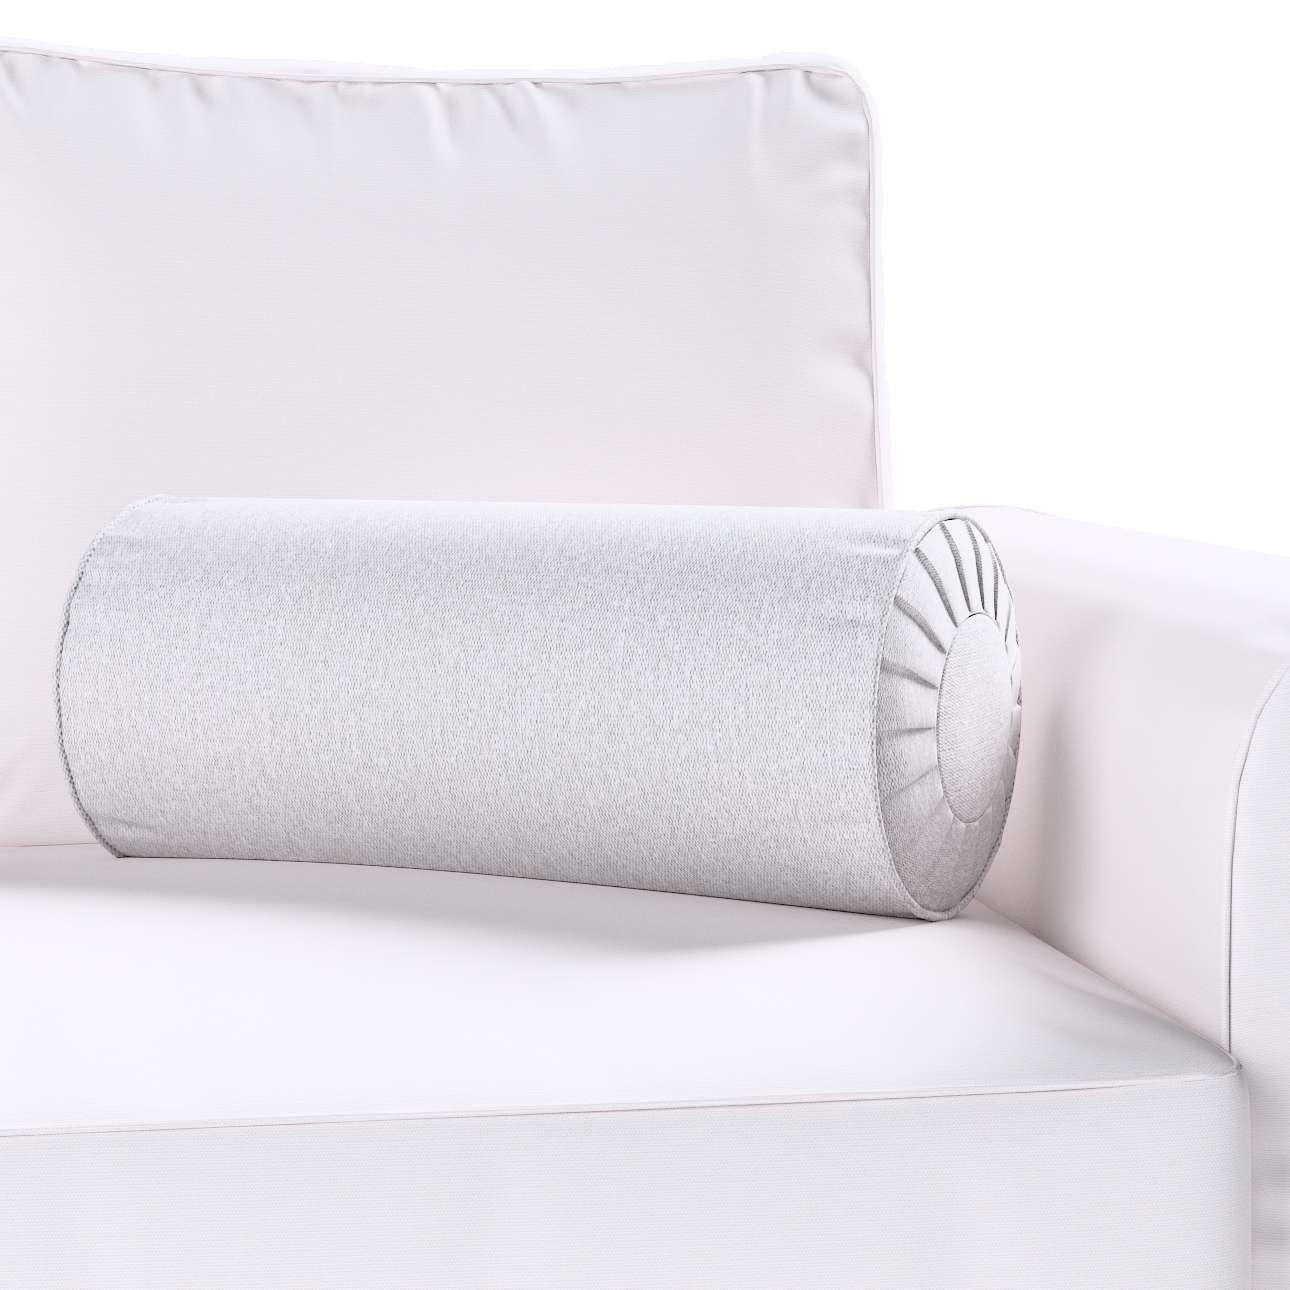 Poduszka wałek z zakładkami w kolekcji Amsterdam, tkanina: 704-45